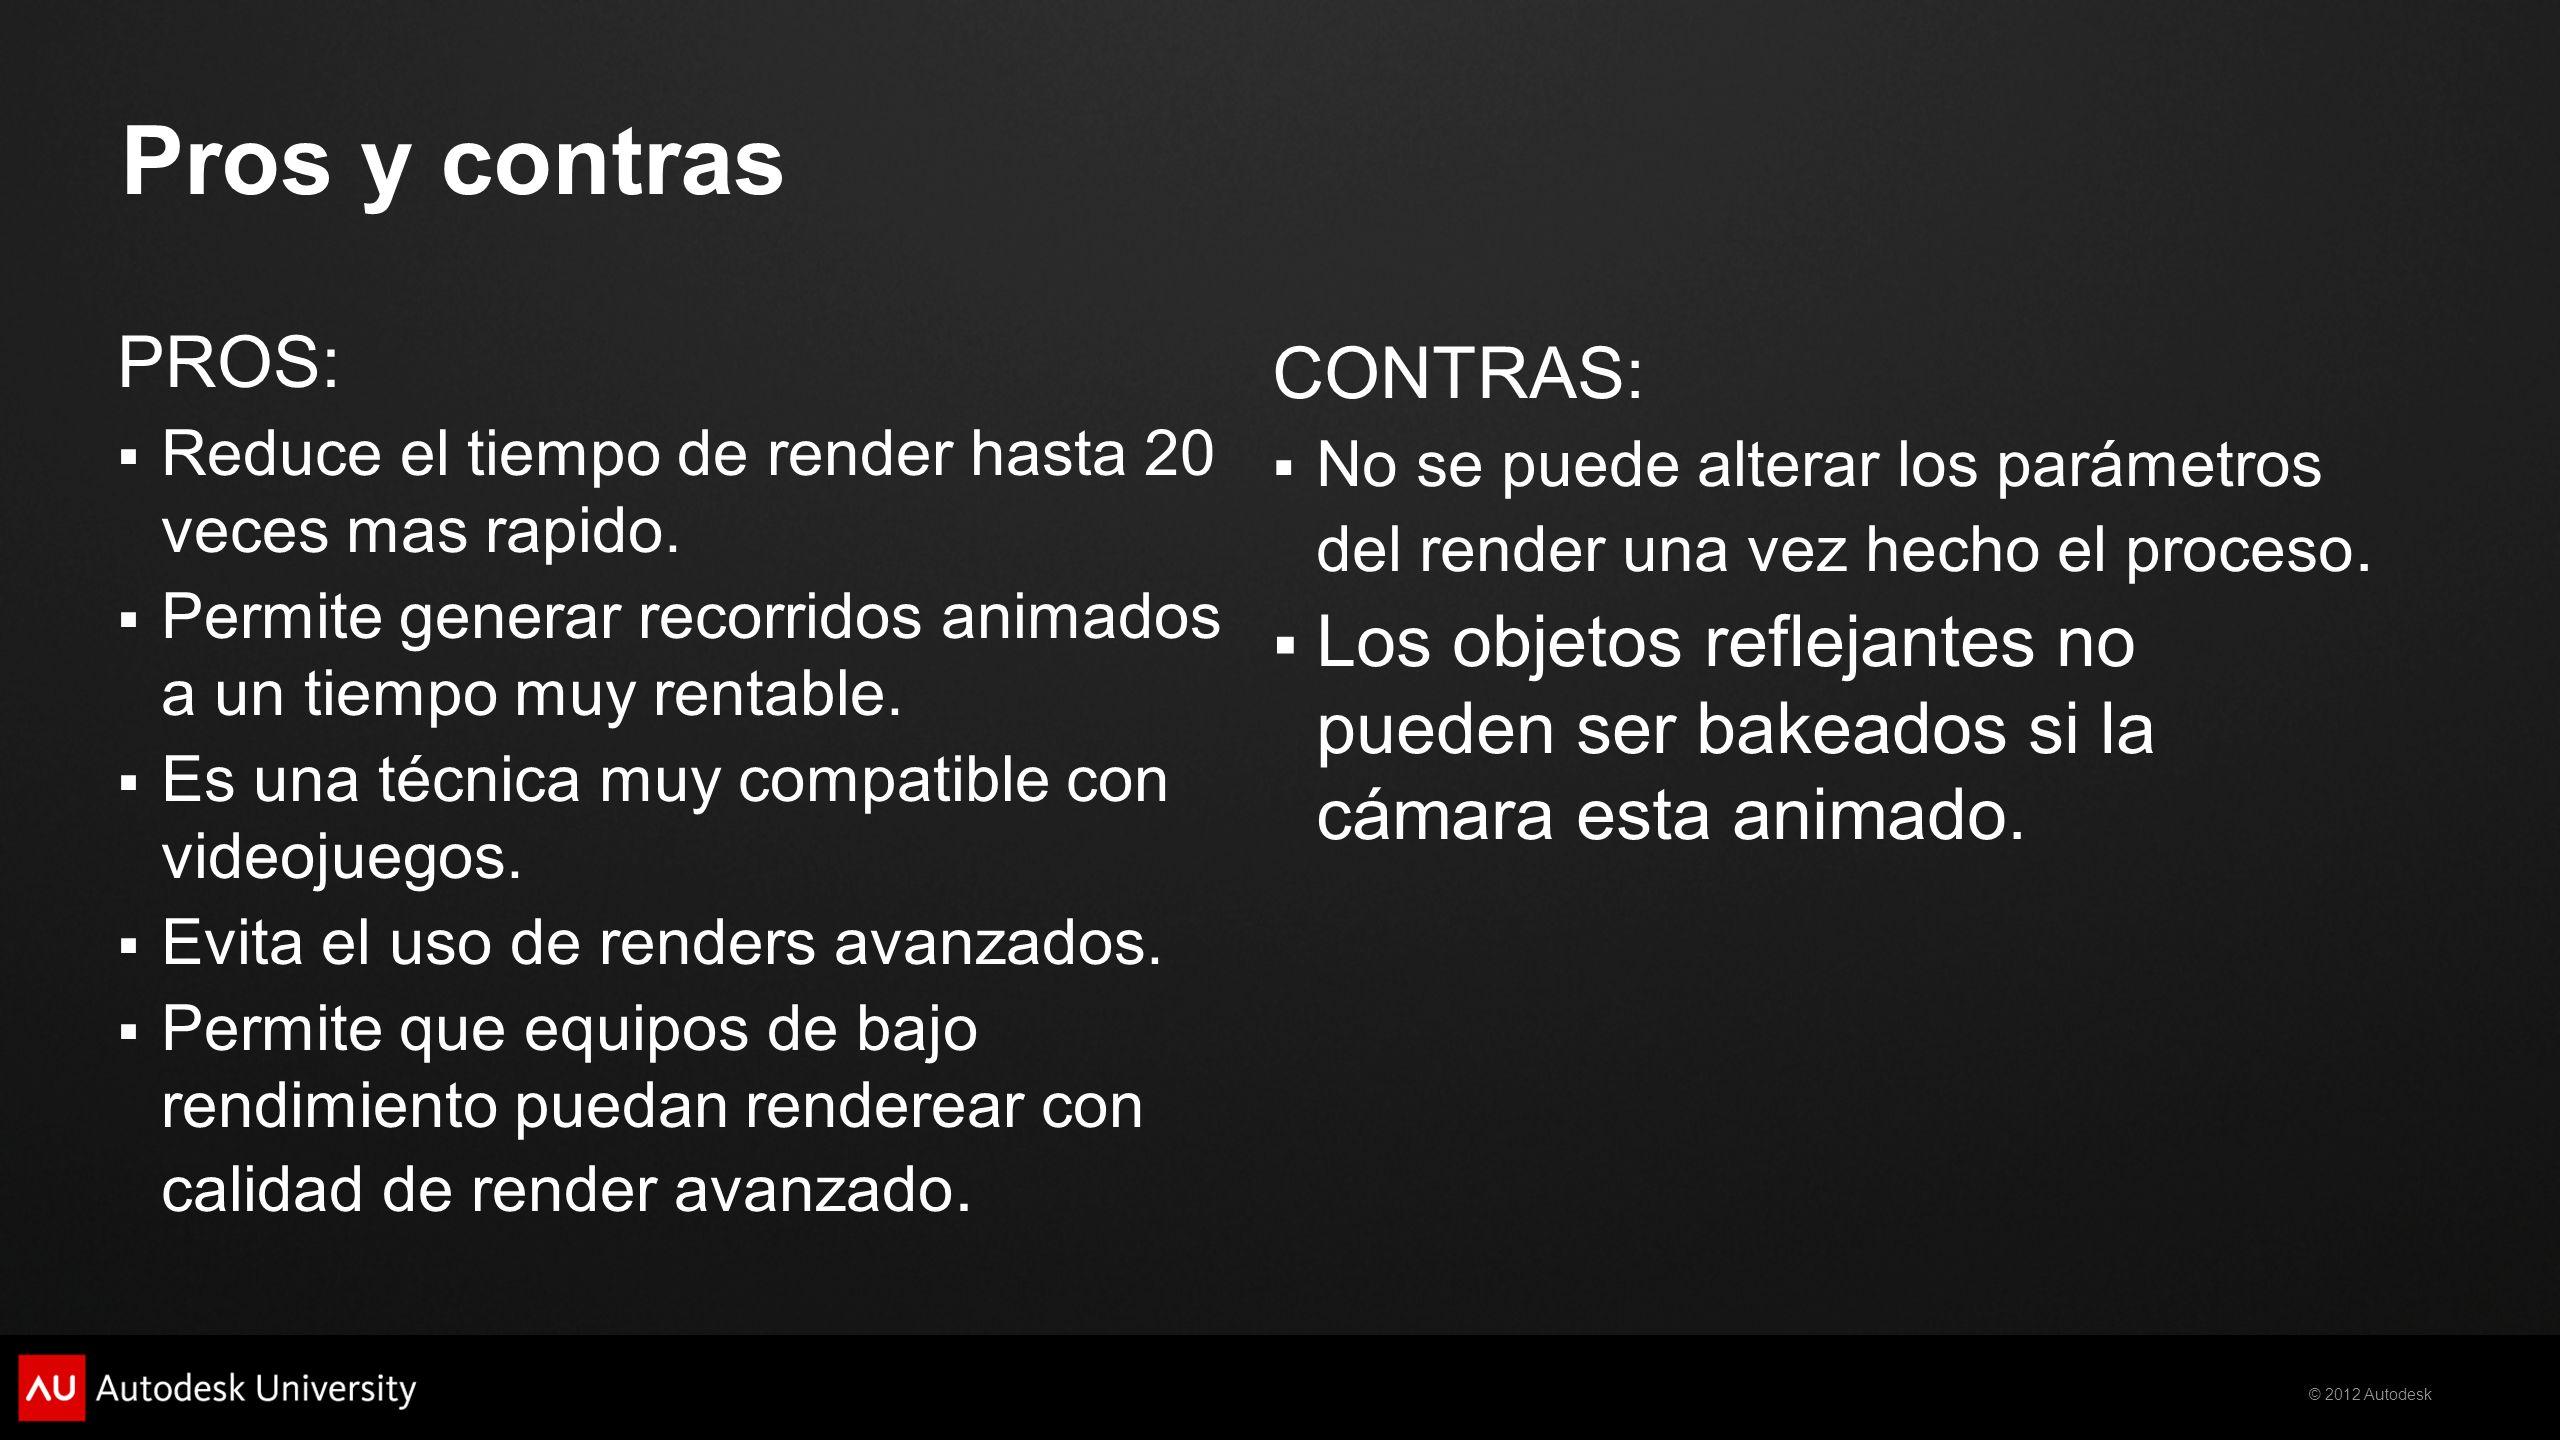 © 2012 Autodesk Pros y contras PROS: Reduce el tiempo de render hasta 20 veces mas rapido. Permite generar recorridos animados a un tiempo muy rentabl